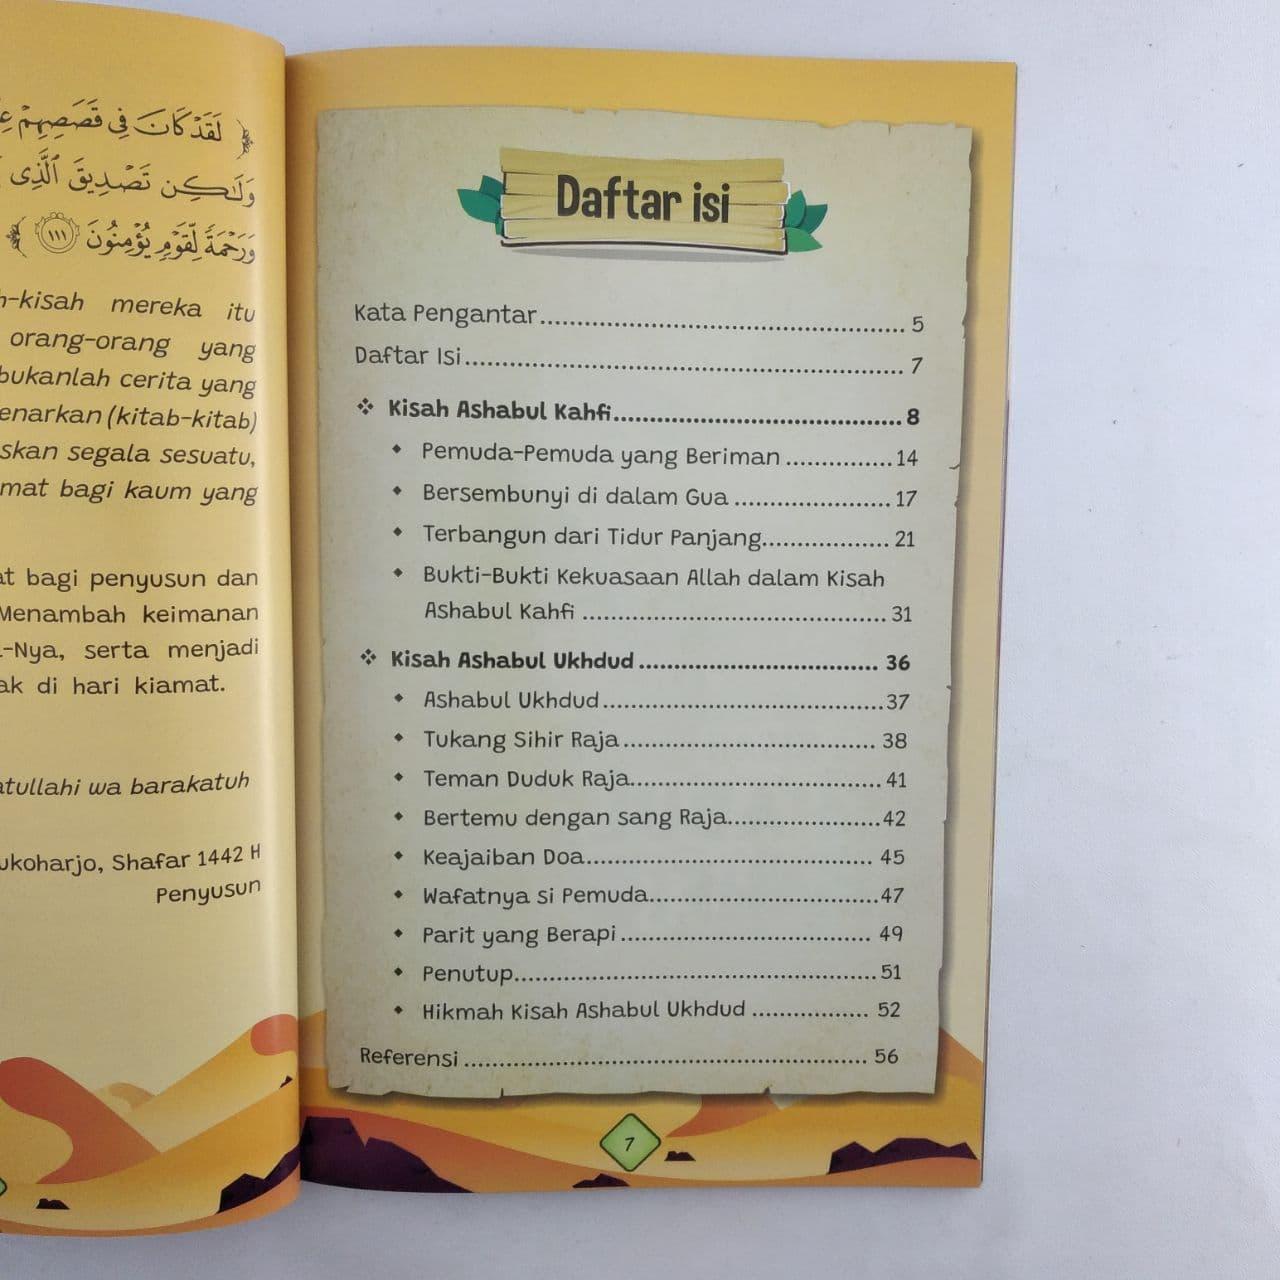 Buku Anak Kisah Ashabul Kahfi dan Ashabul Ukhdud Attuqa